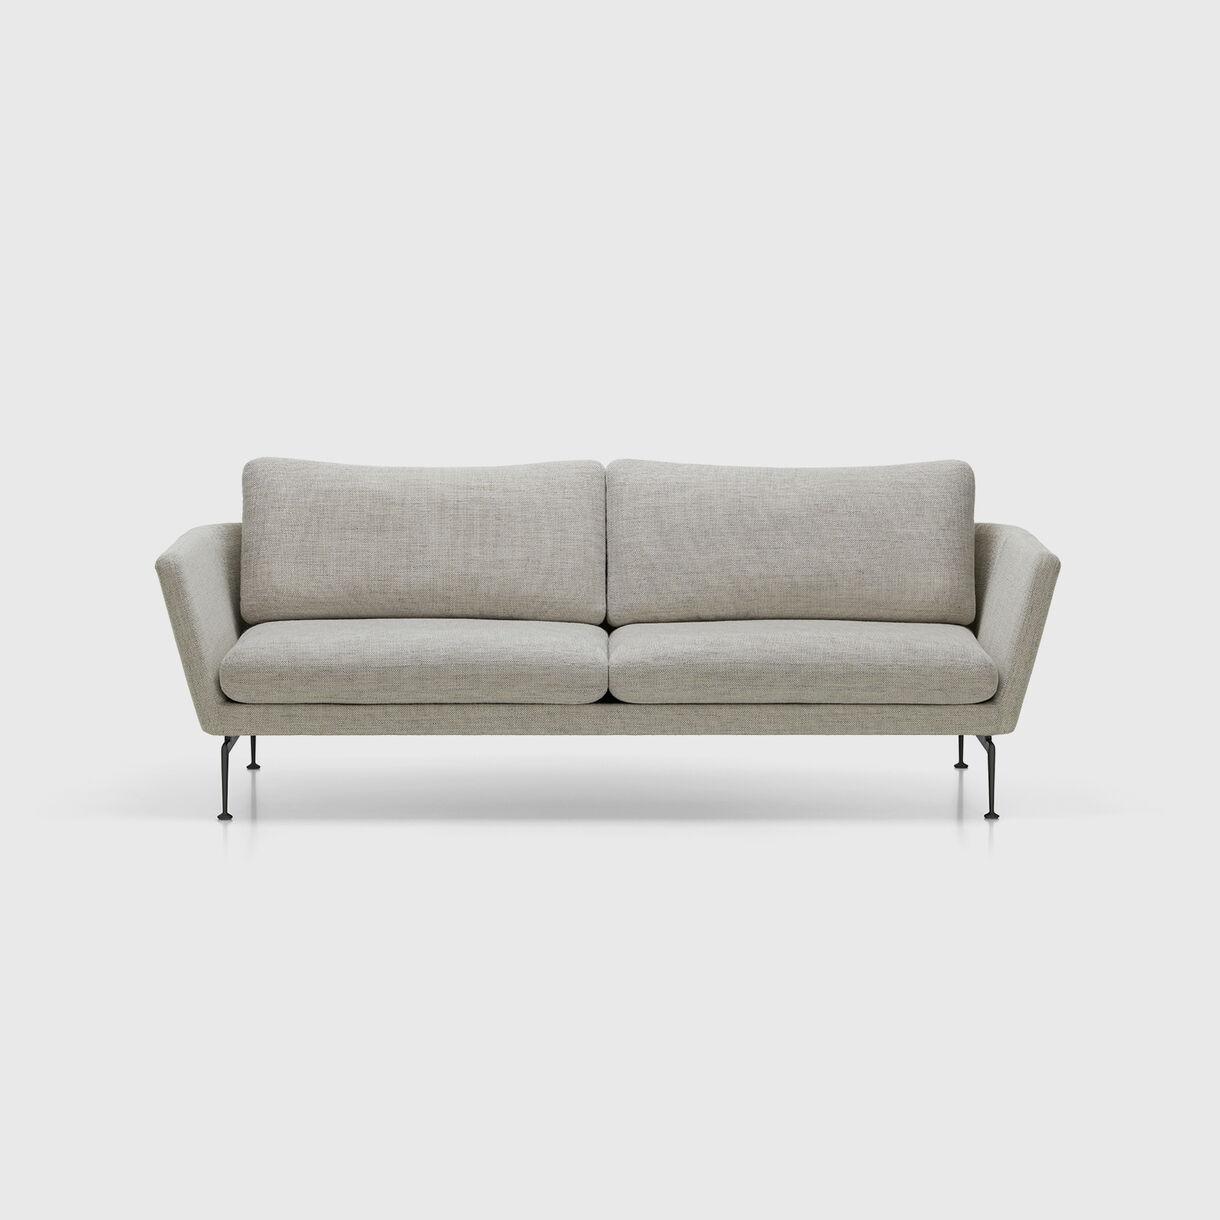 Suita Classic Sofa, 3 Seater